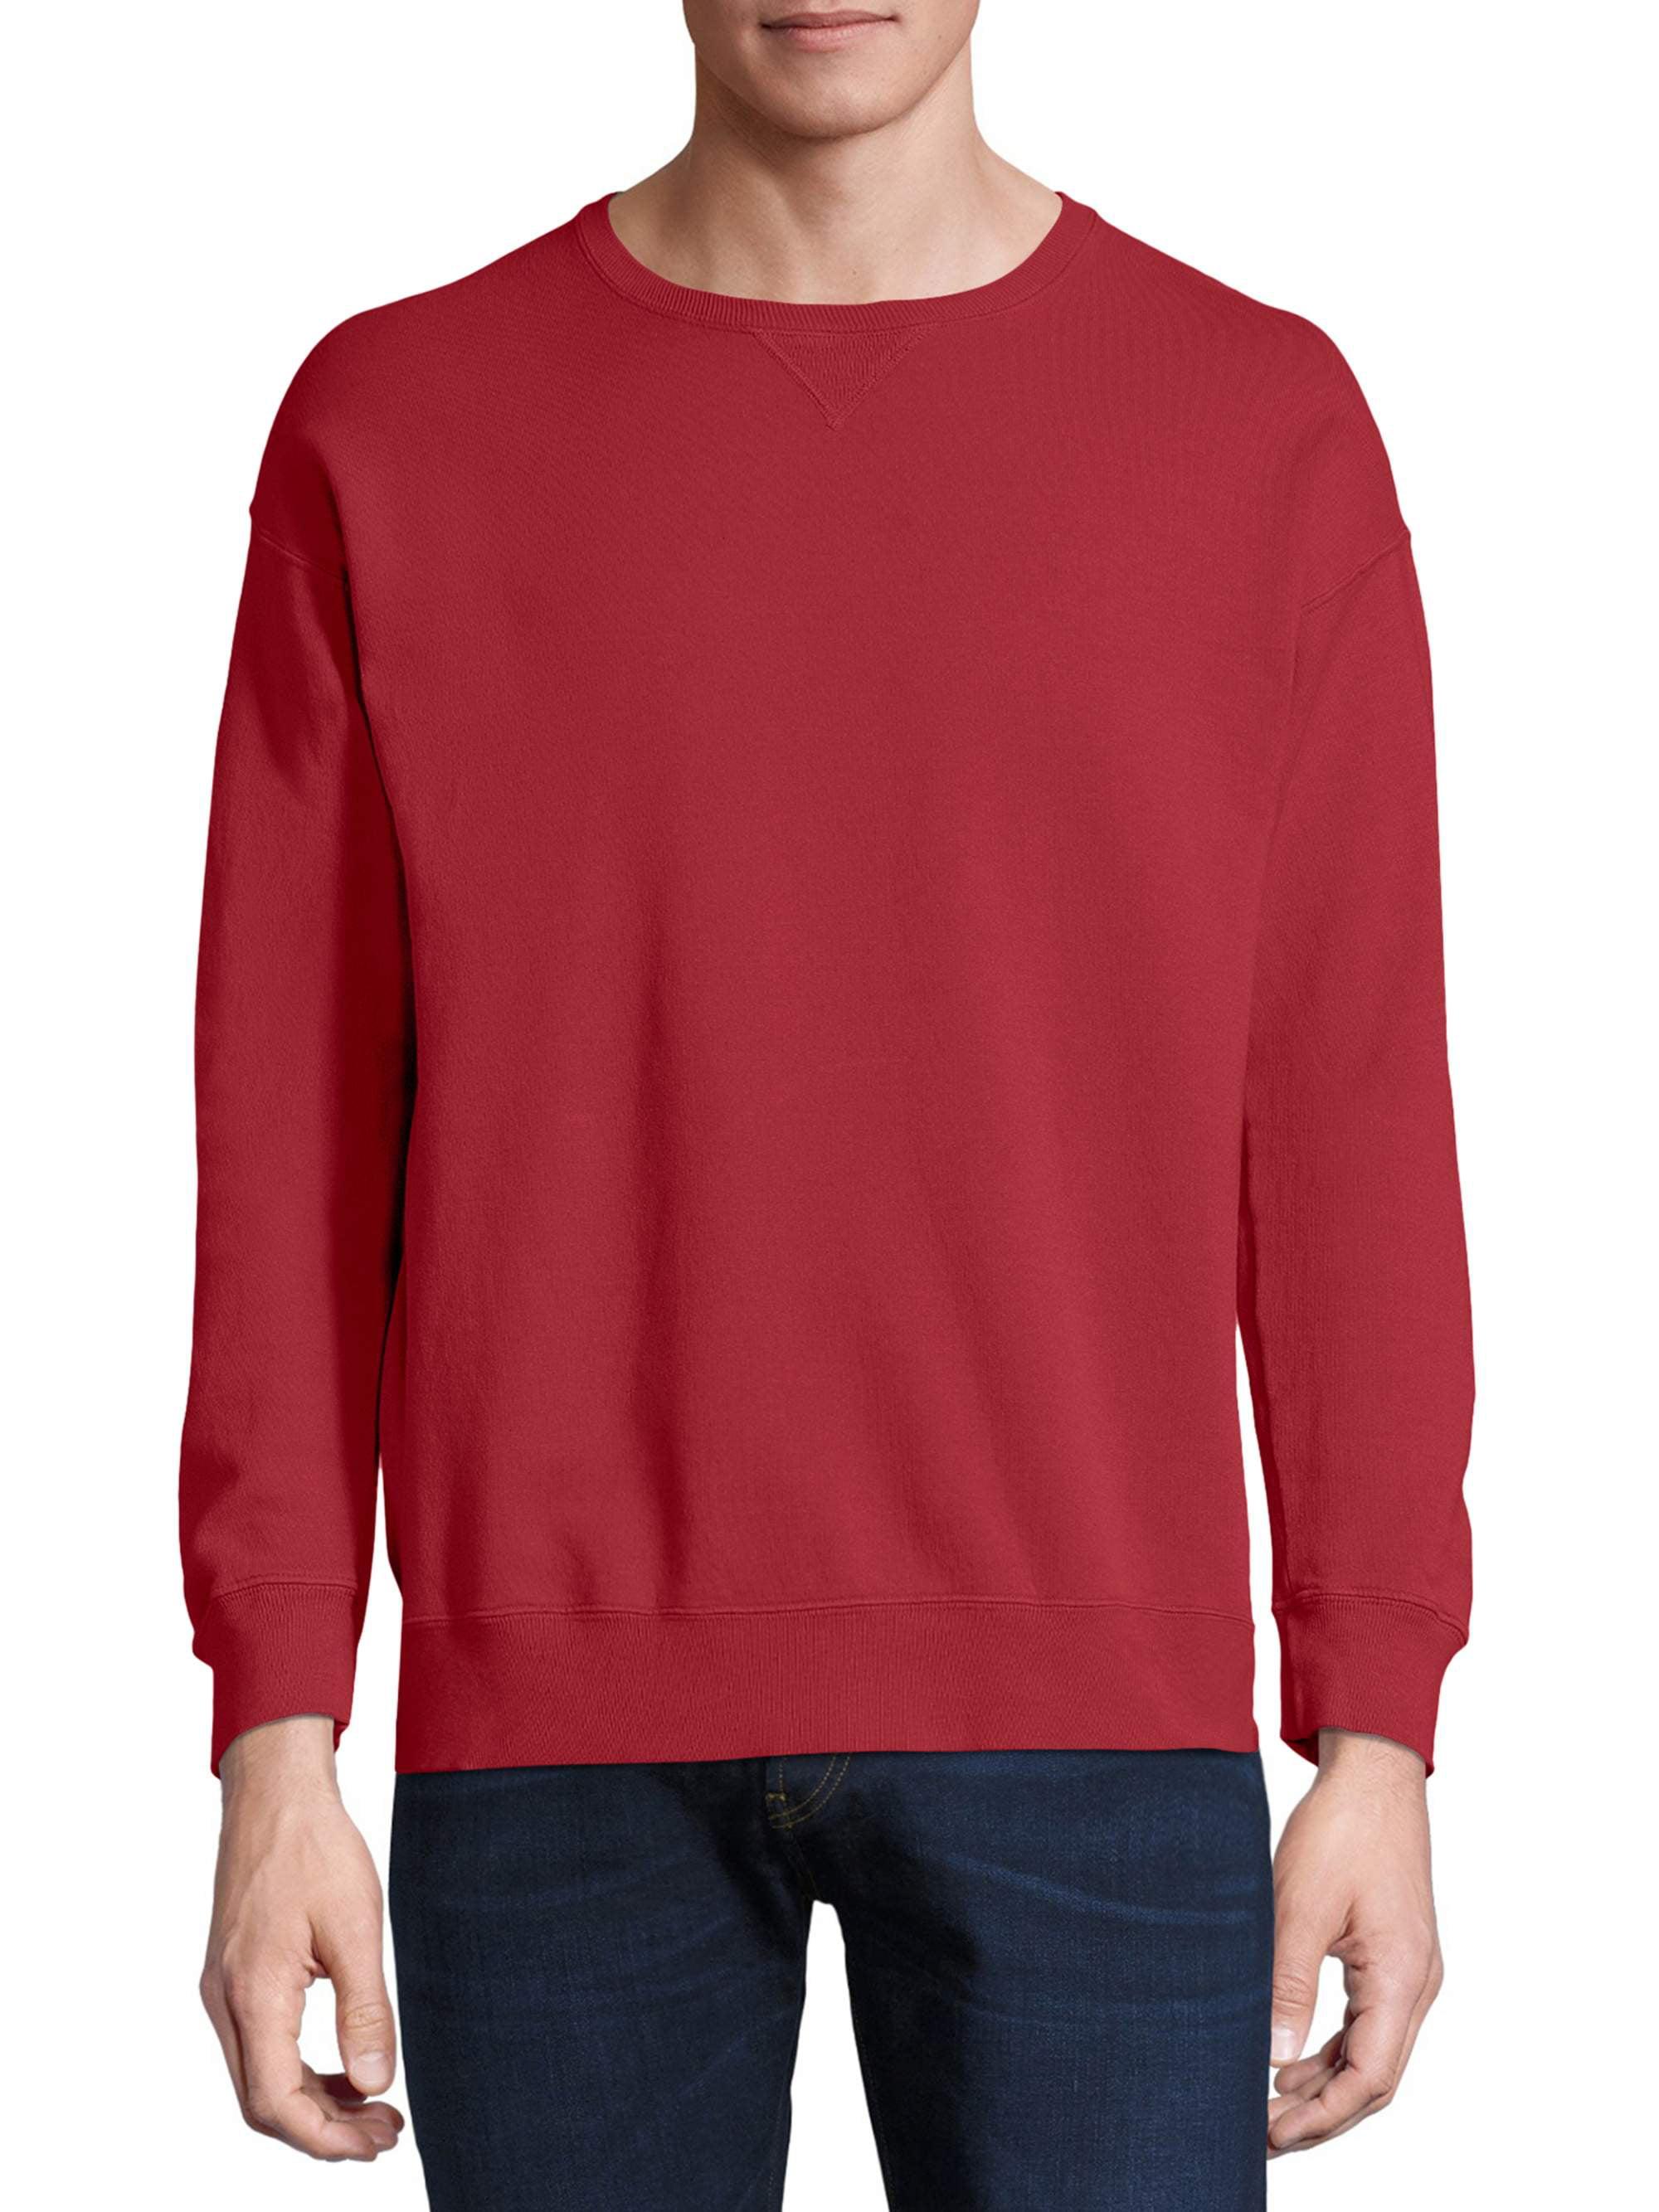 Hanes Mens Mens Comfortwash Garment Dyed Fleece Sweatshirt Sweatshirt